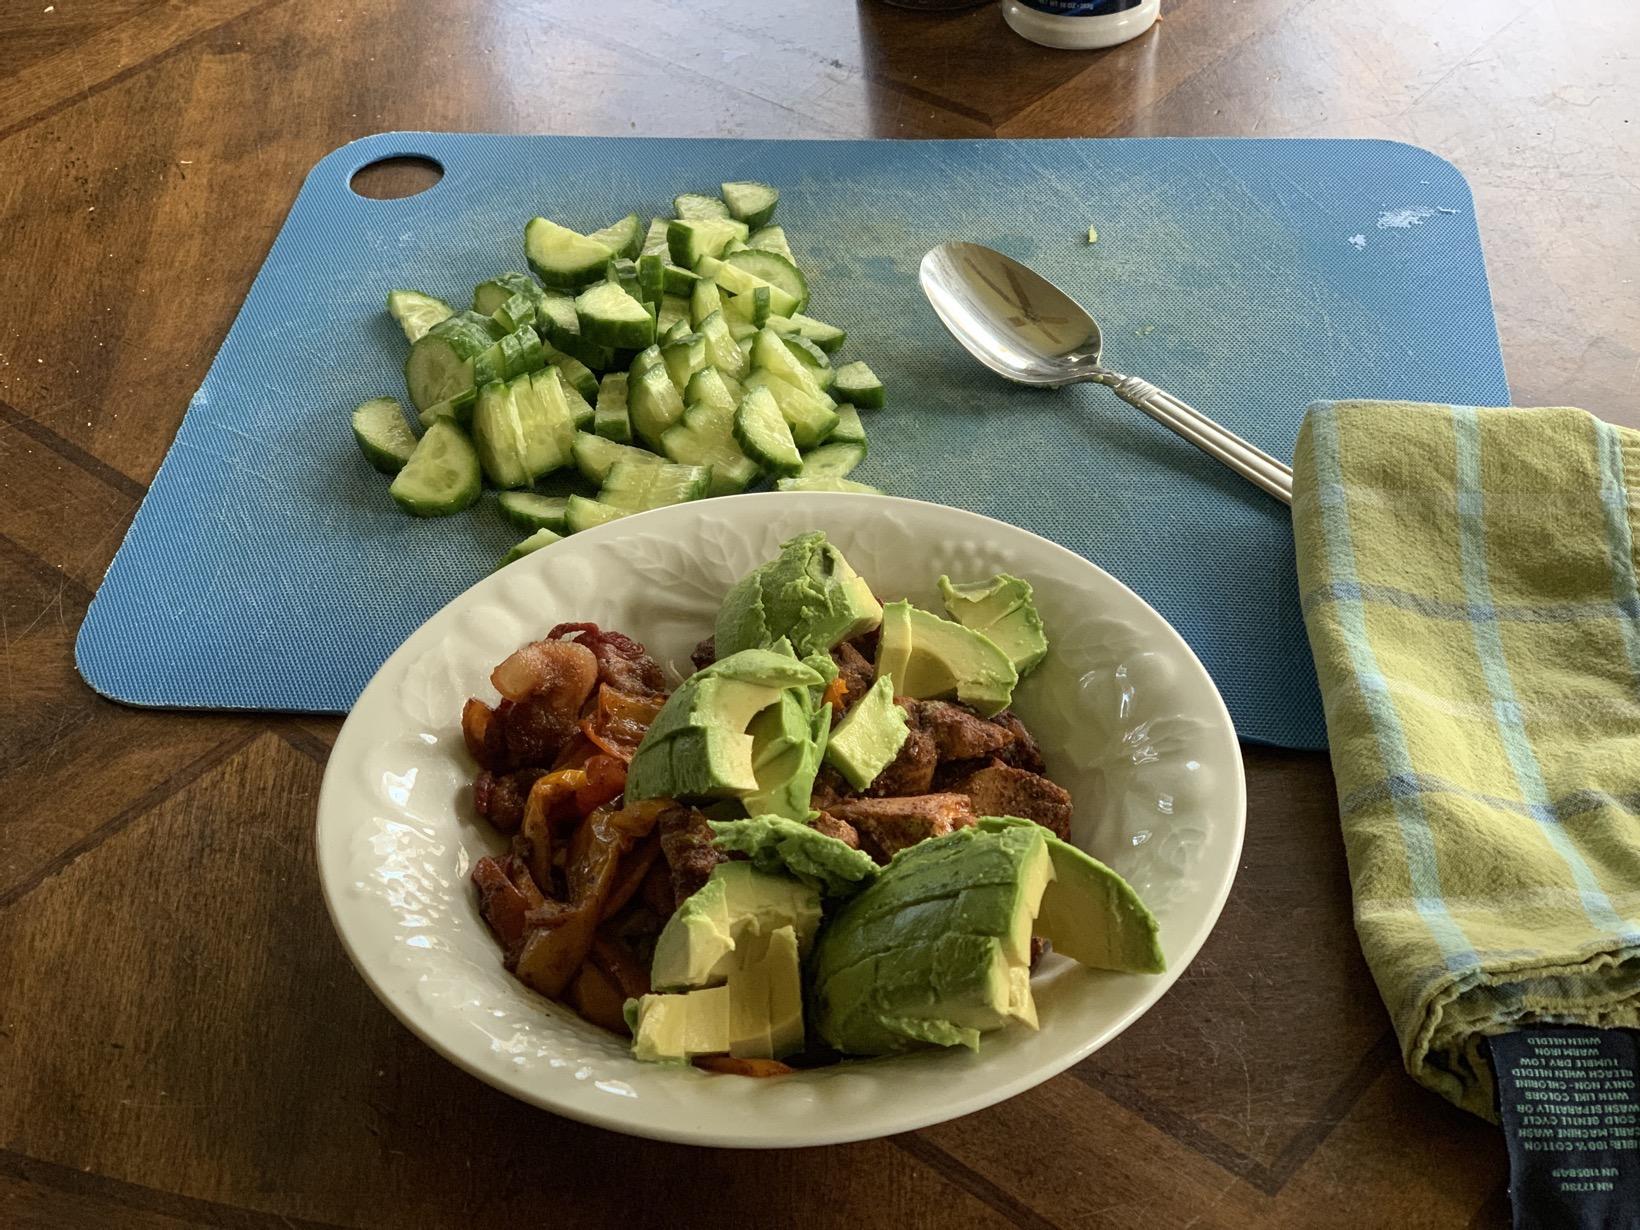 Yummy healthy meals with FWTFL